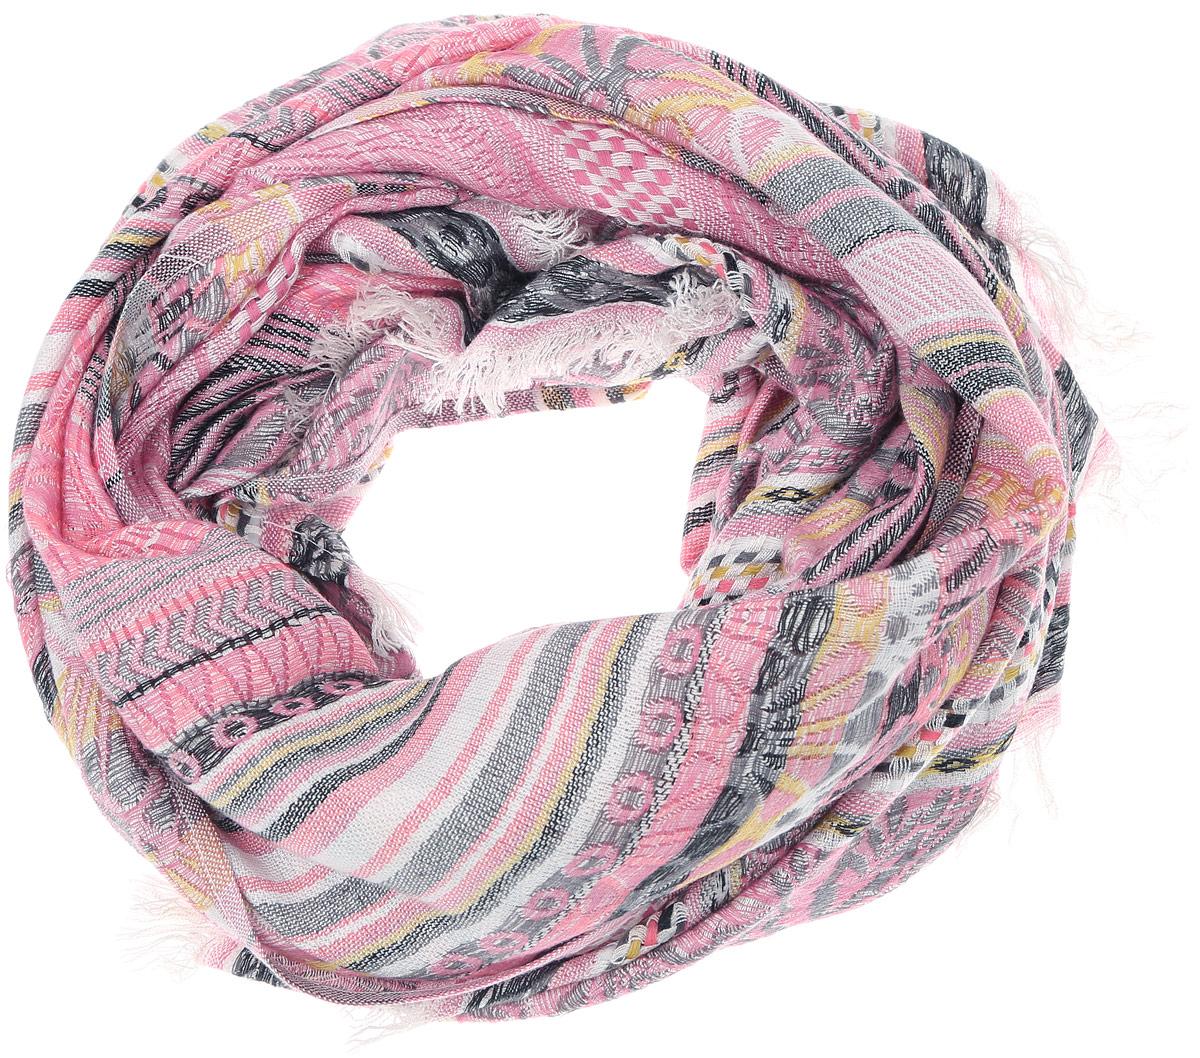 Палантин Vittorio Richi, цвет: розовый, серый. PC3703-6. Размер 70 см х 170 смPC3703-6Теплый женский палантин Vittorio Richi изготовлен из сочетания высококачественных материалов. Жаккардовый палантин оформлен принтом с узорами и дополнен по краям стильной бахромой.